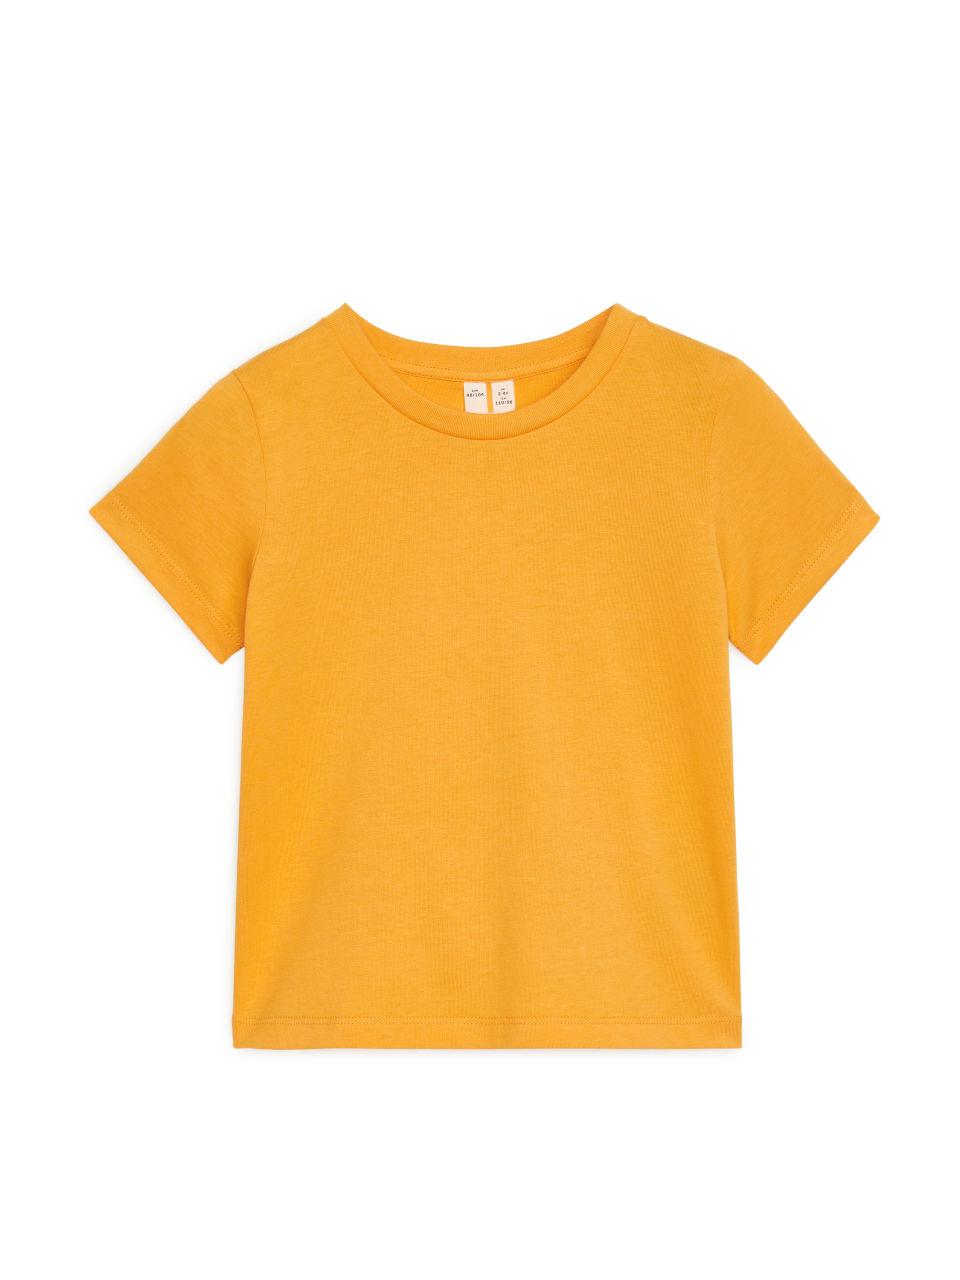 Crew-Neck T-shirt - Yellow